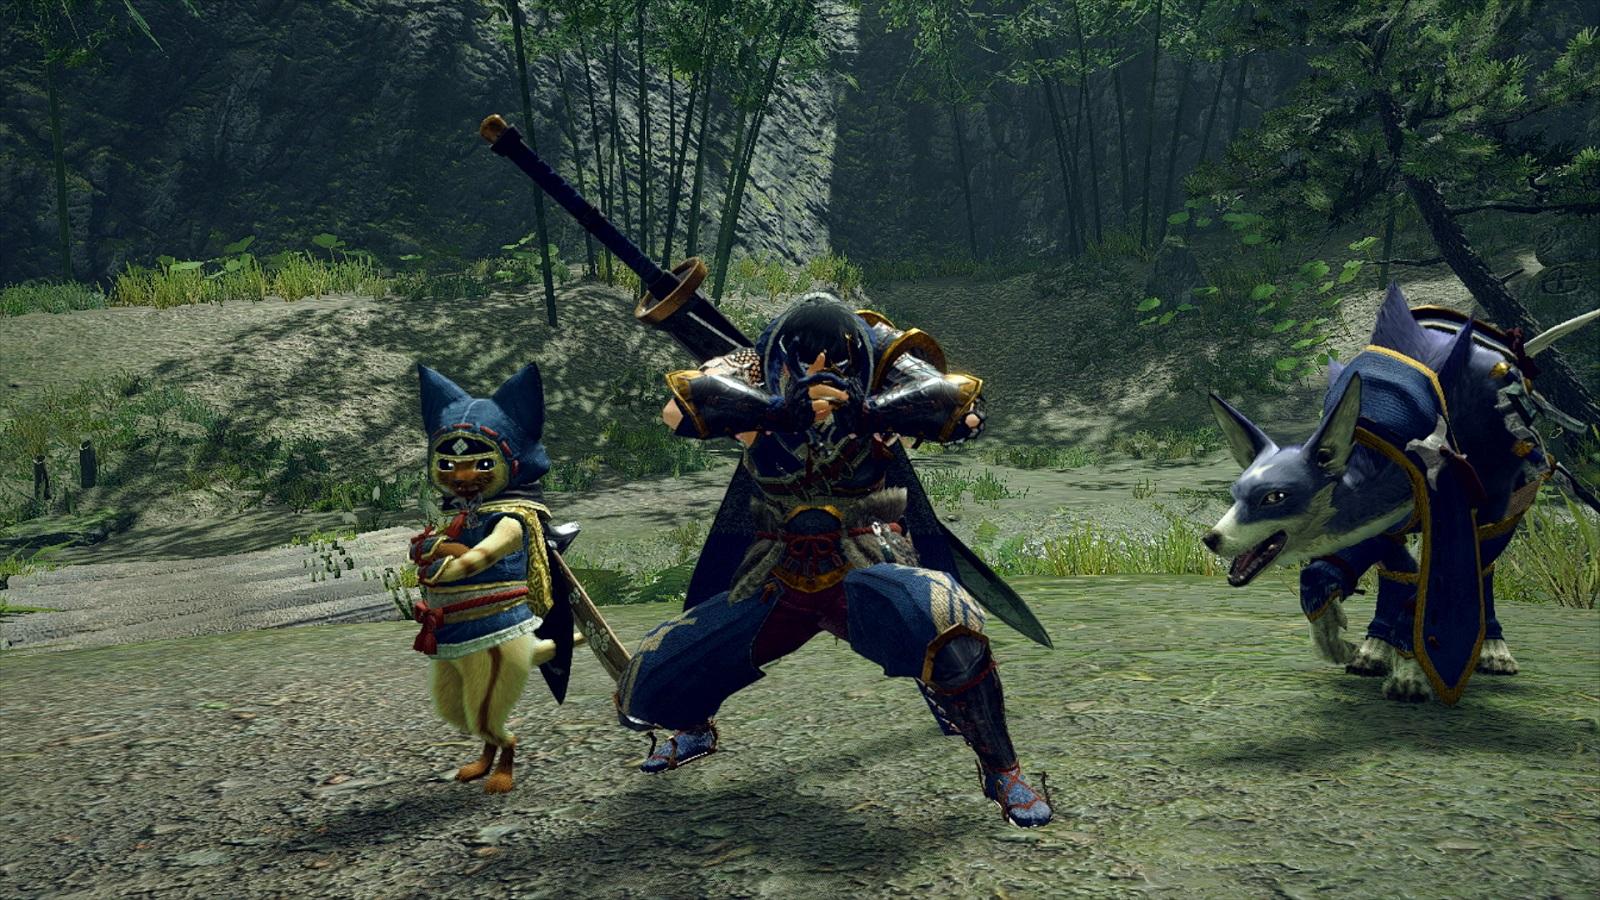 Monster Hunter Rise получила апрельское контентное обновление, а патч с дополнительной концовкой выйдет в конце мая